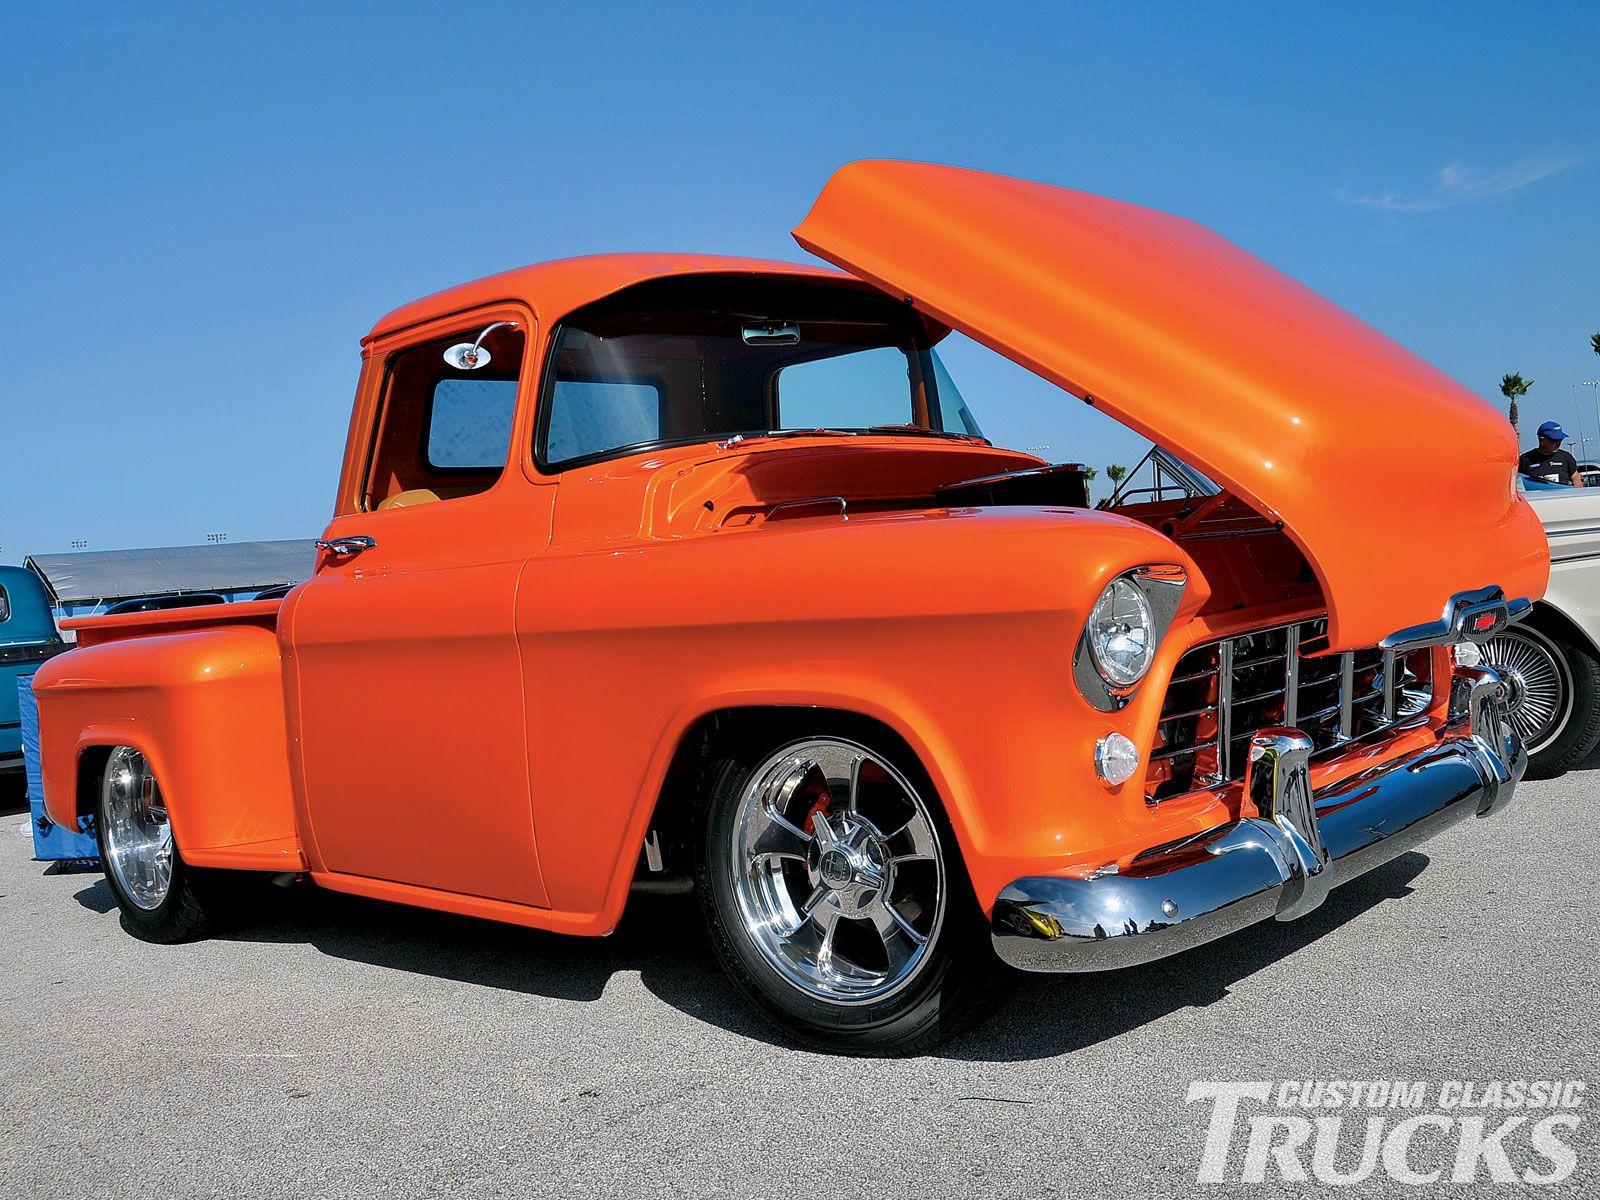 Classic Chevy Pickup Trucks 57 Chevy Trucks Chevy Trucks Chevy Pickup Trucks